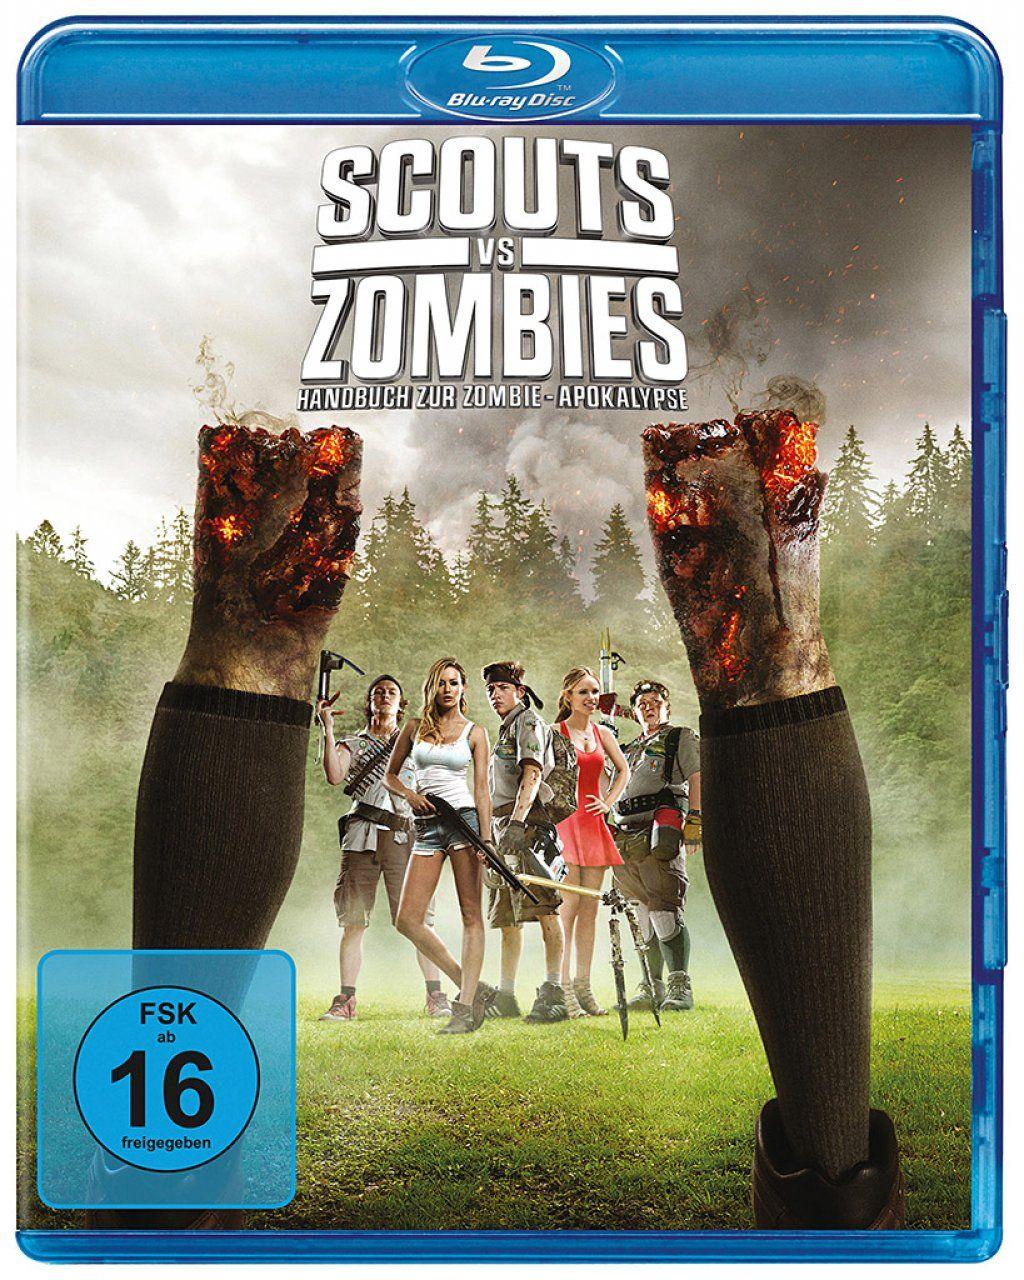 Scouts vs Zombies - Handbuch zur Zombie-Apokalypse (BLURAY)